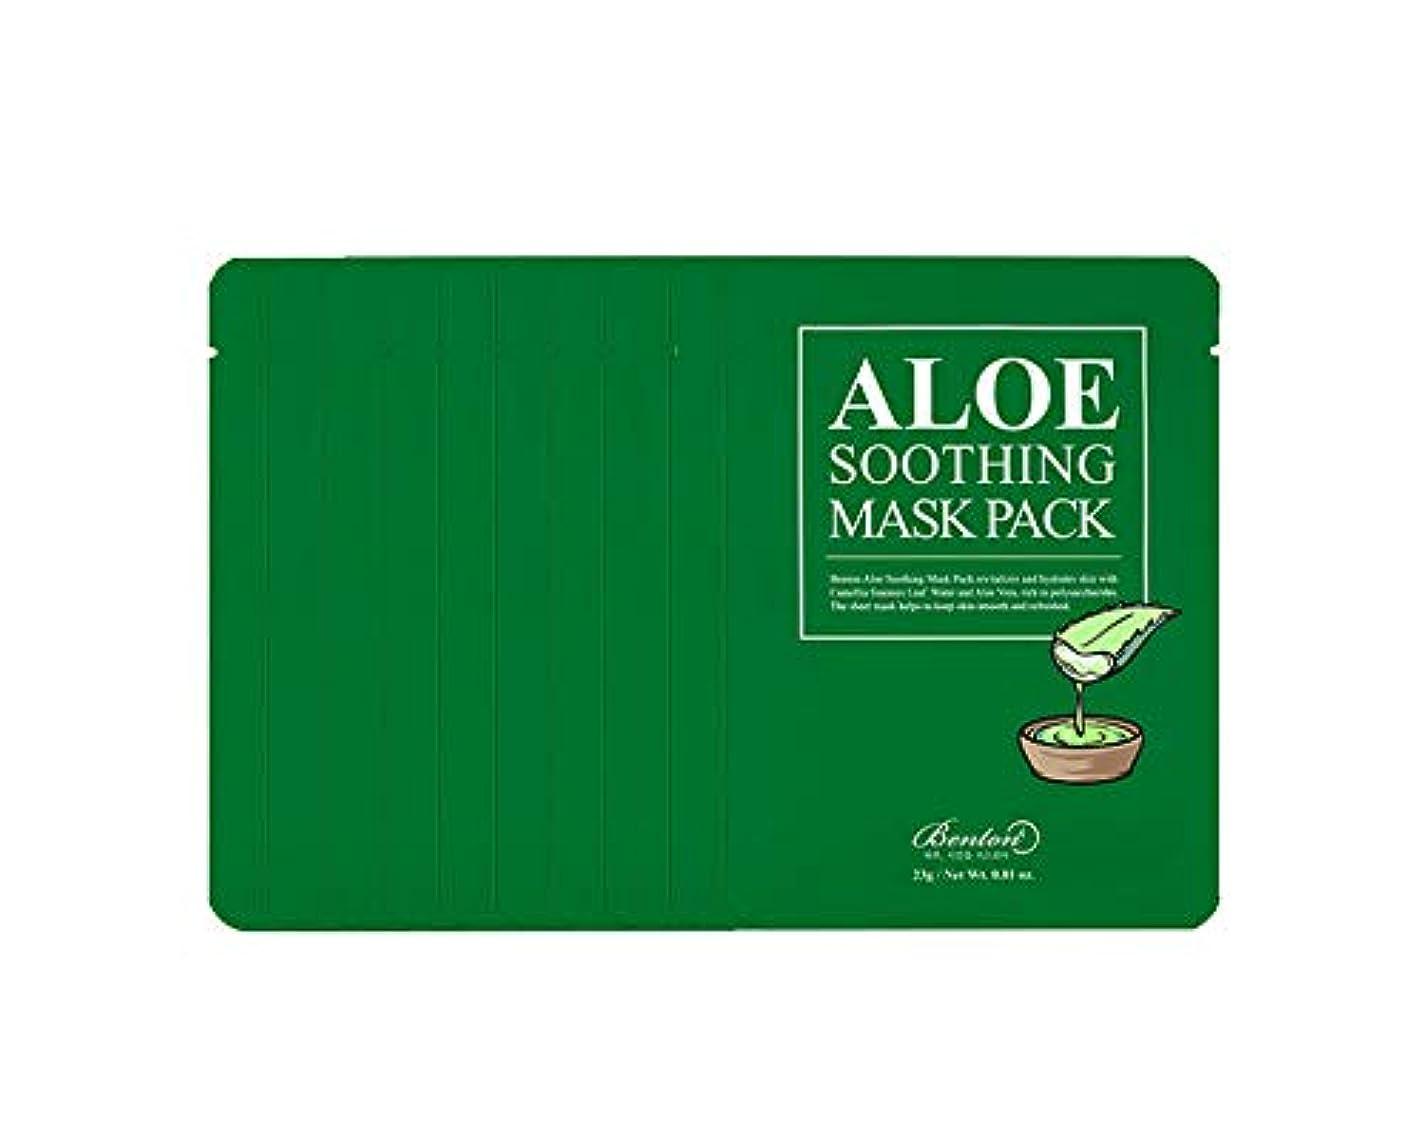 間違っている美的賞賛する[ベントン] アロエスージングマスクパック Benton Aloe Soothing Mask Pack 10 Sheets [並行輸入品]